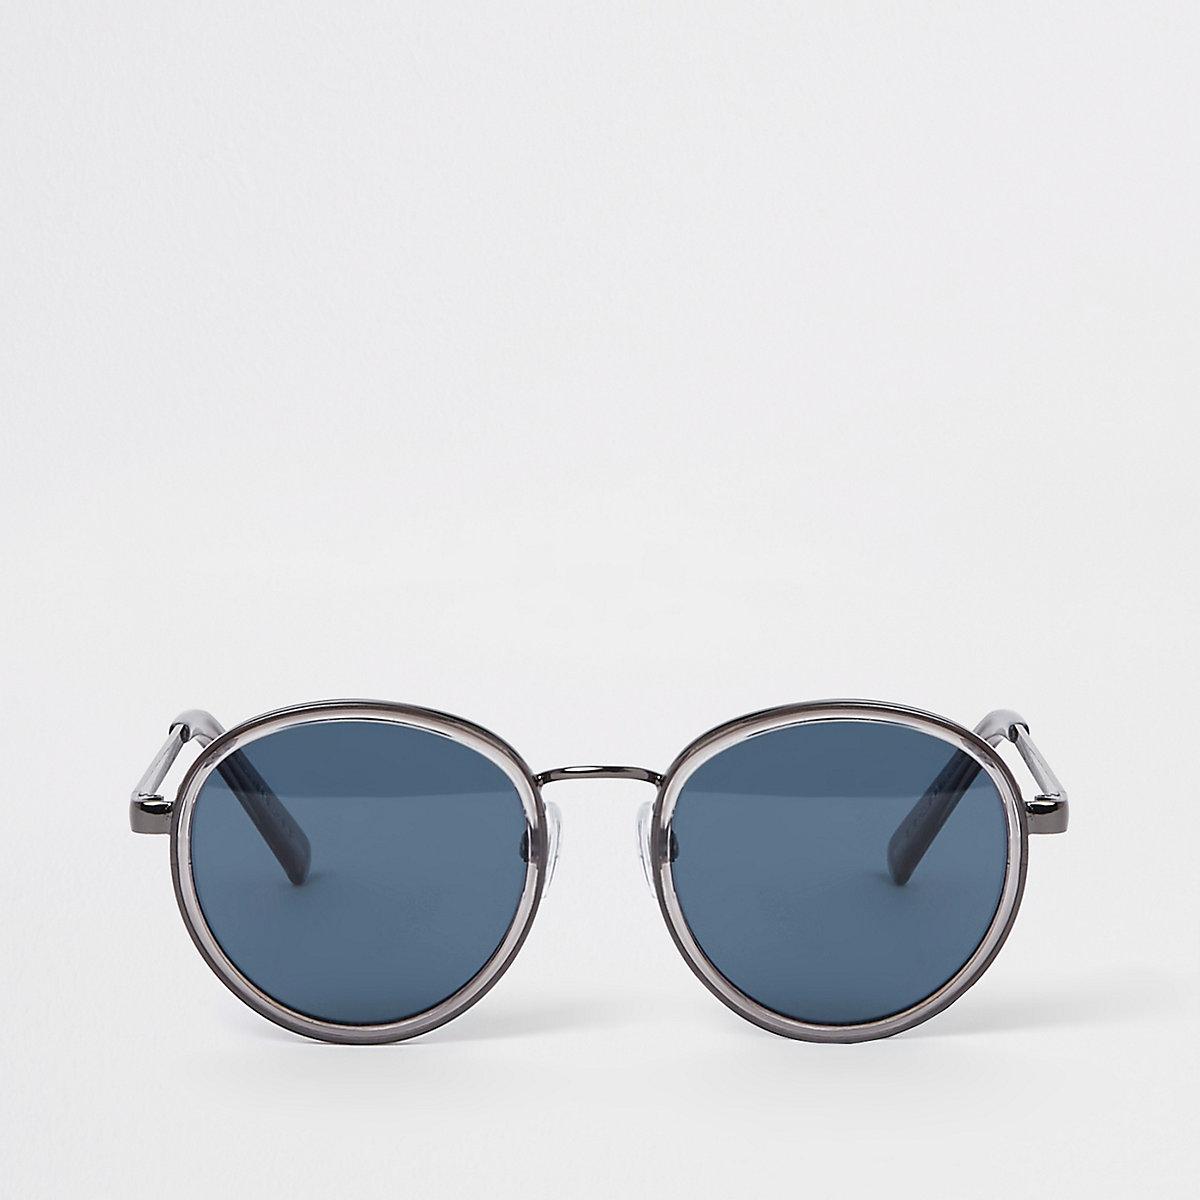 Grey blue lens round sunglasses